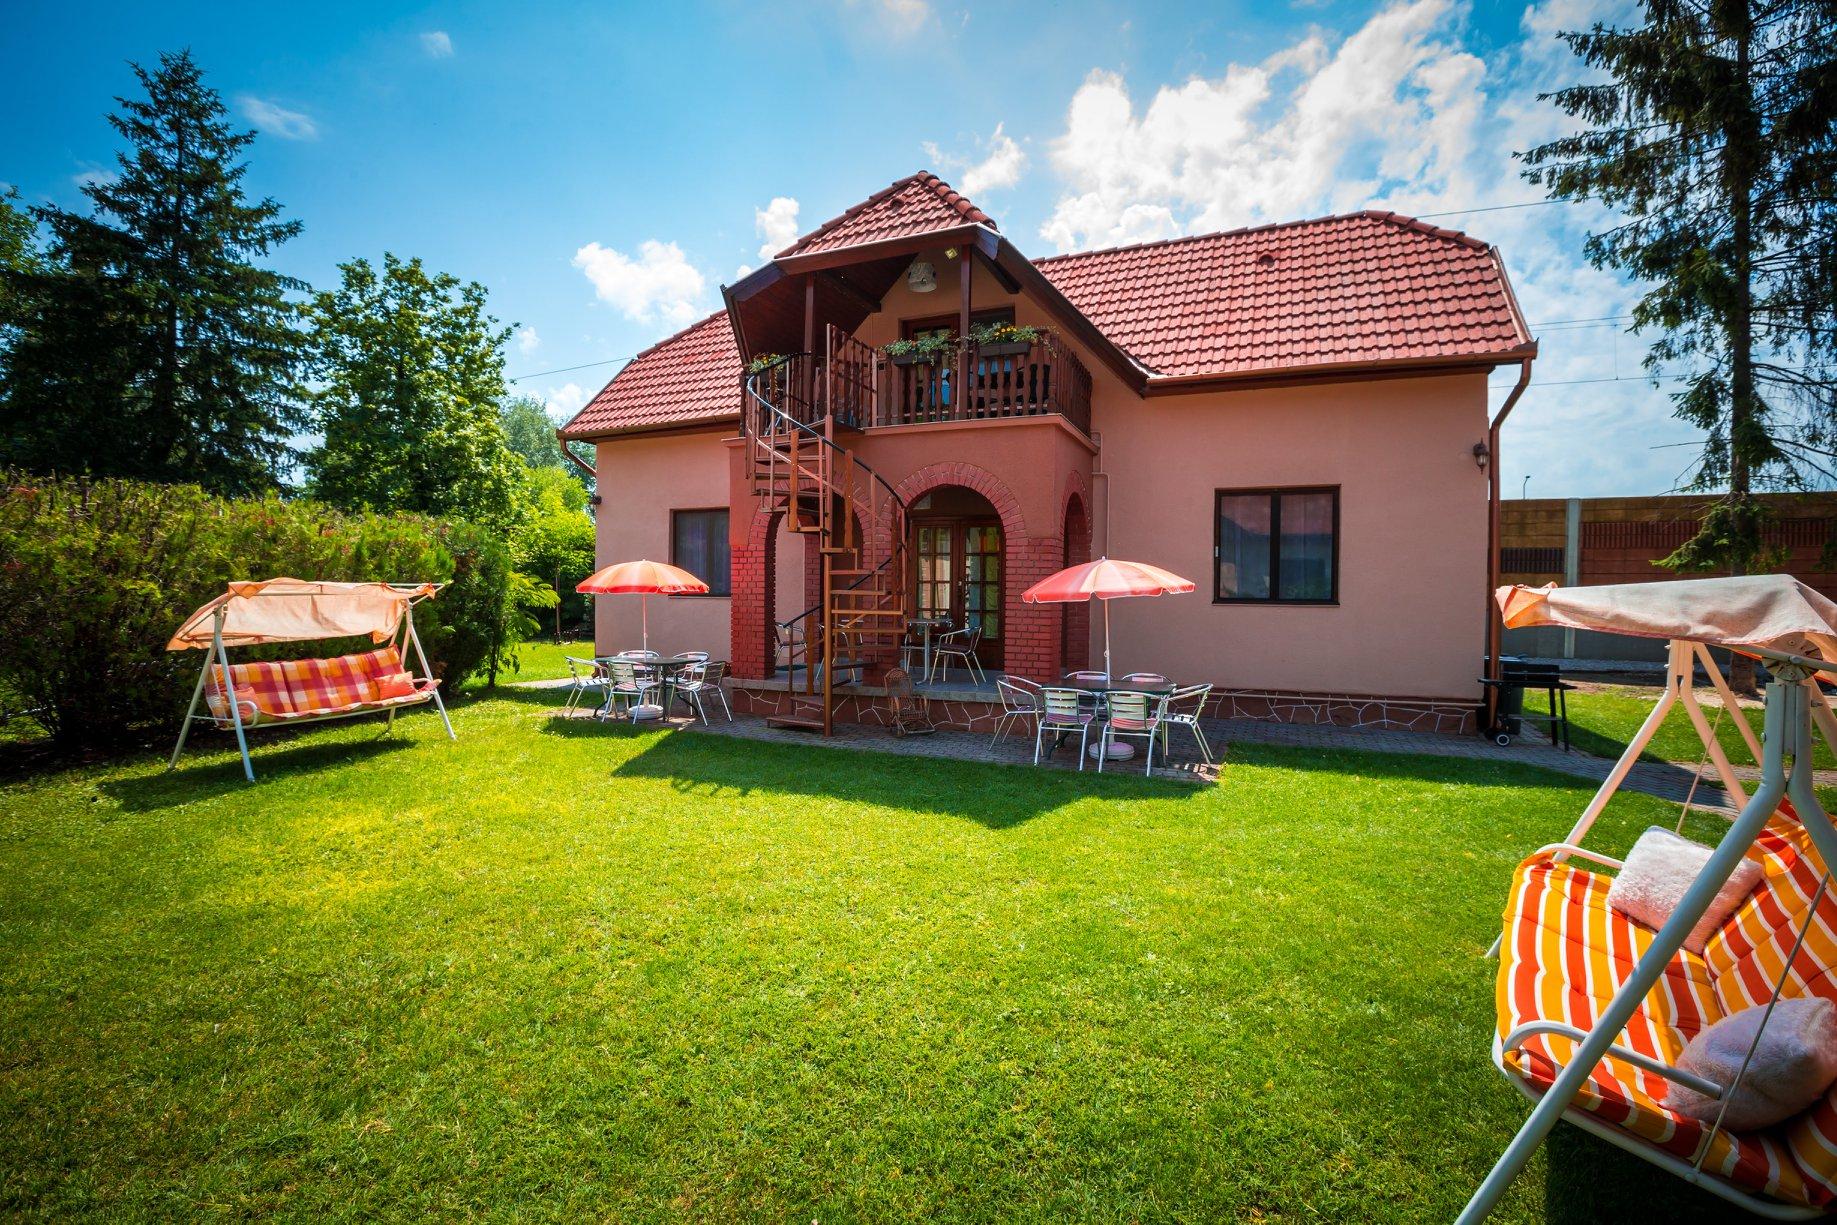 Objekt 250  Ferienhaus mit Wlan,TT-Platte,Klima für 10 Personen